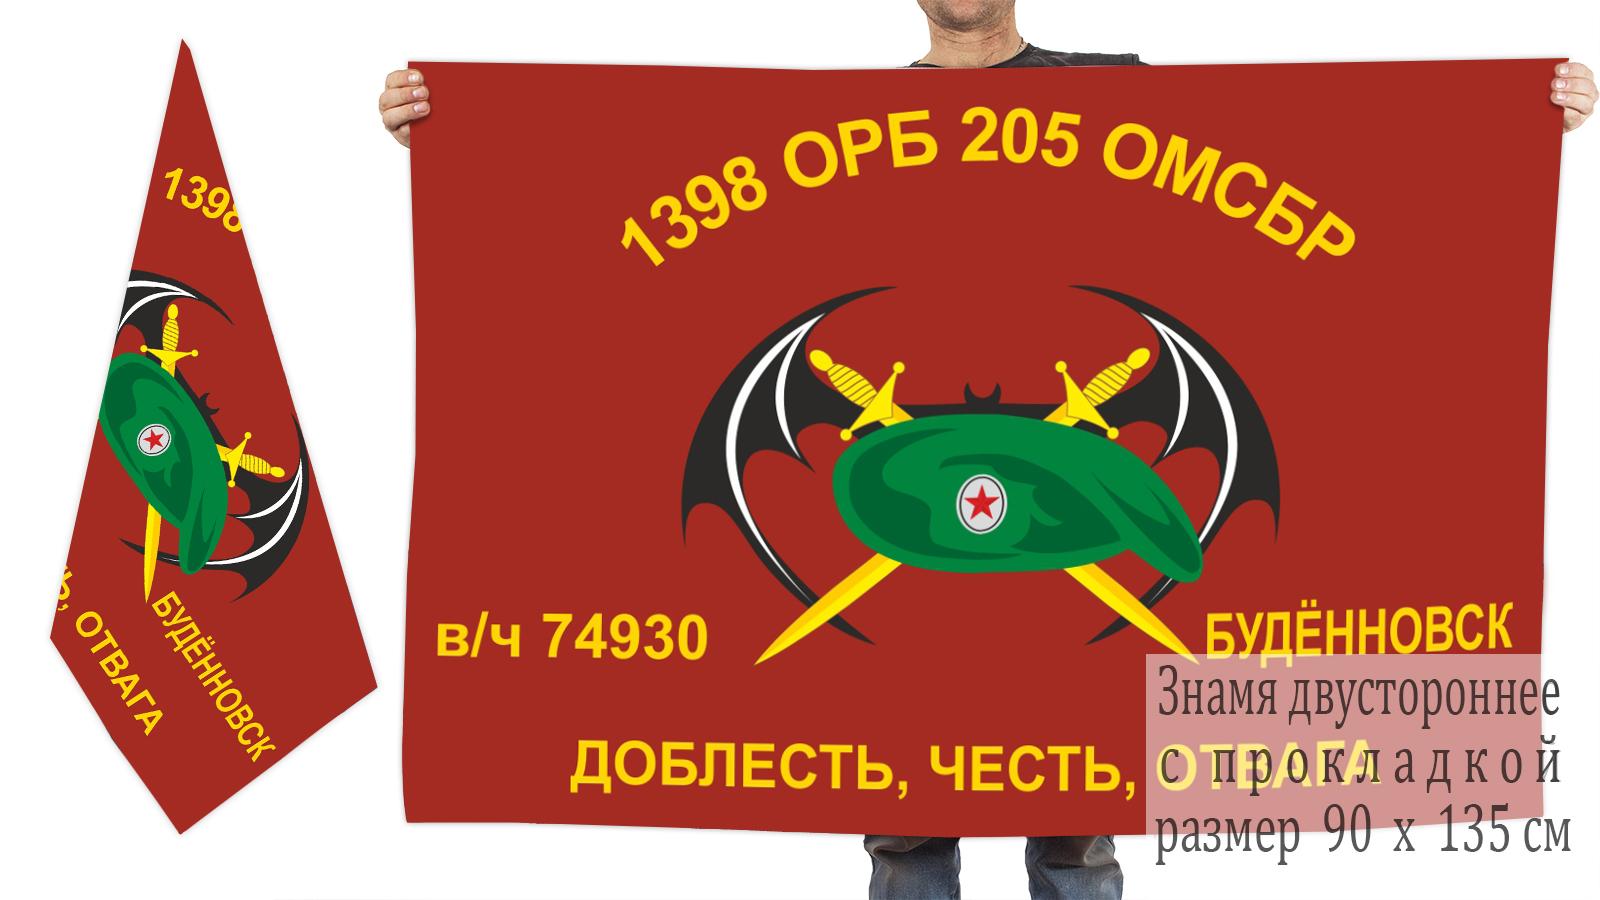 Двусторонний флаг 1398 ОРБ 205 ОМСБр